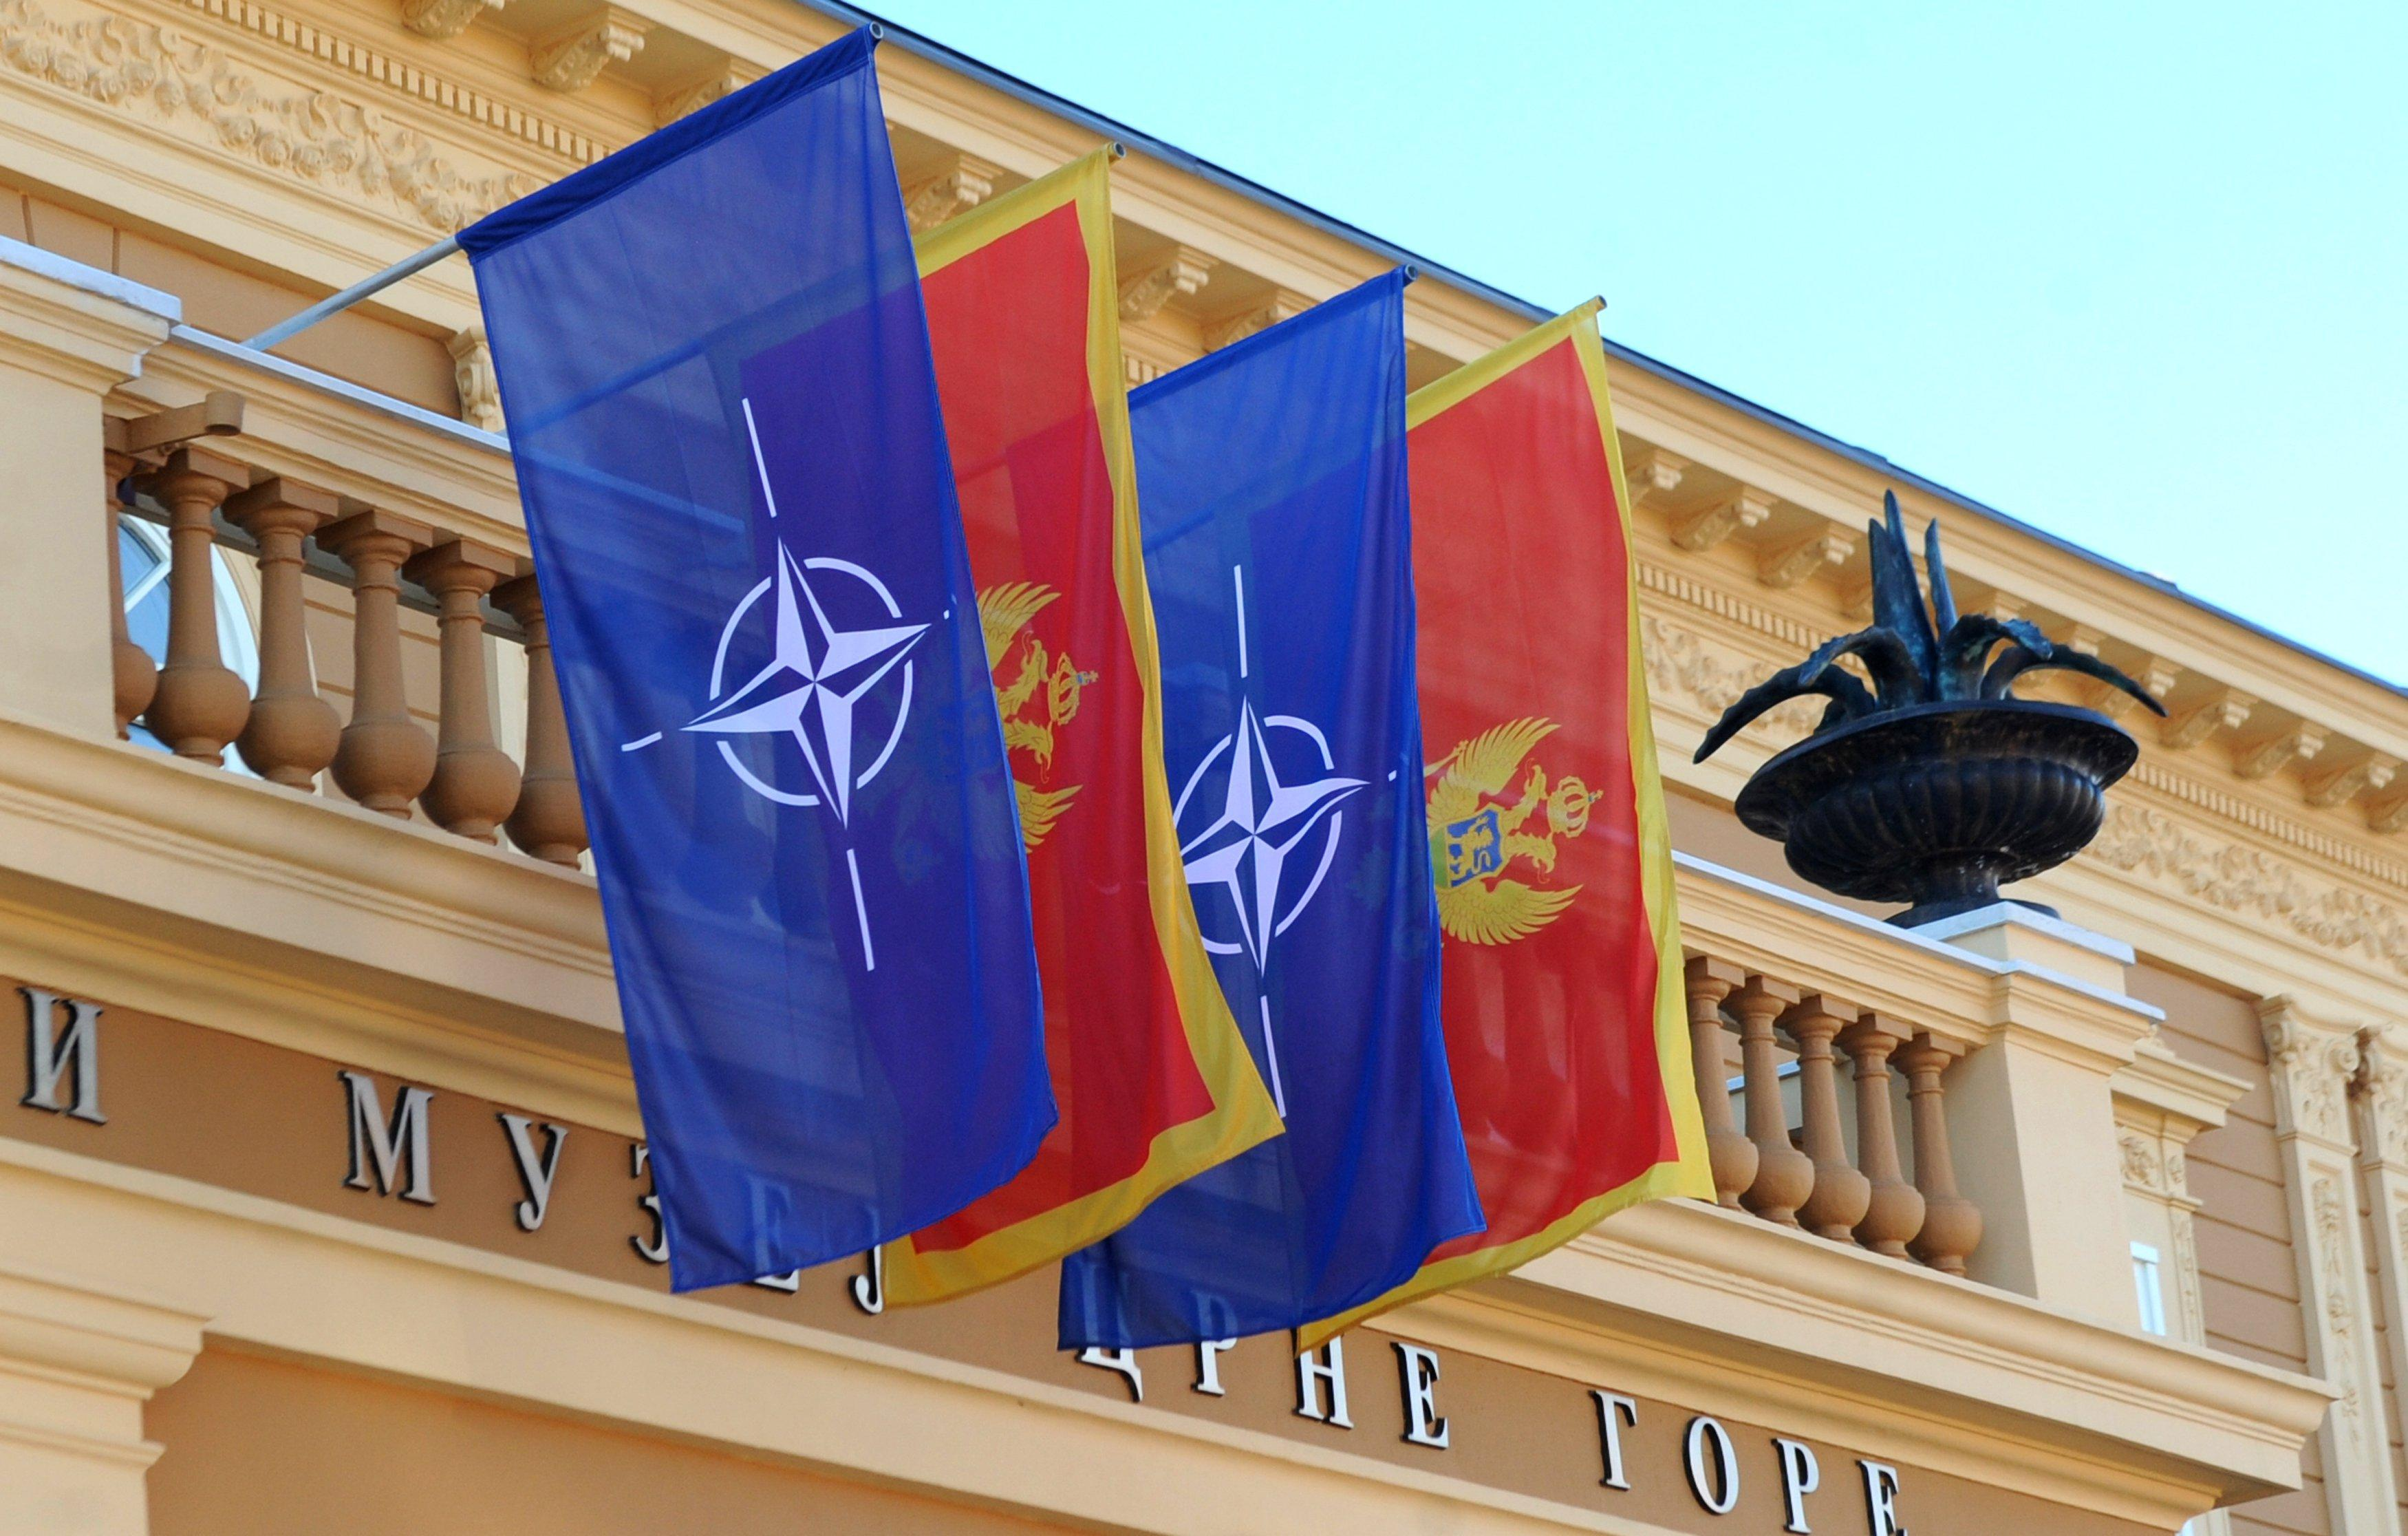 Уштаб-квартирі НАТО замайорів прапор Чорногорії